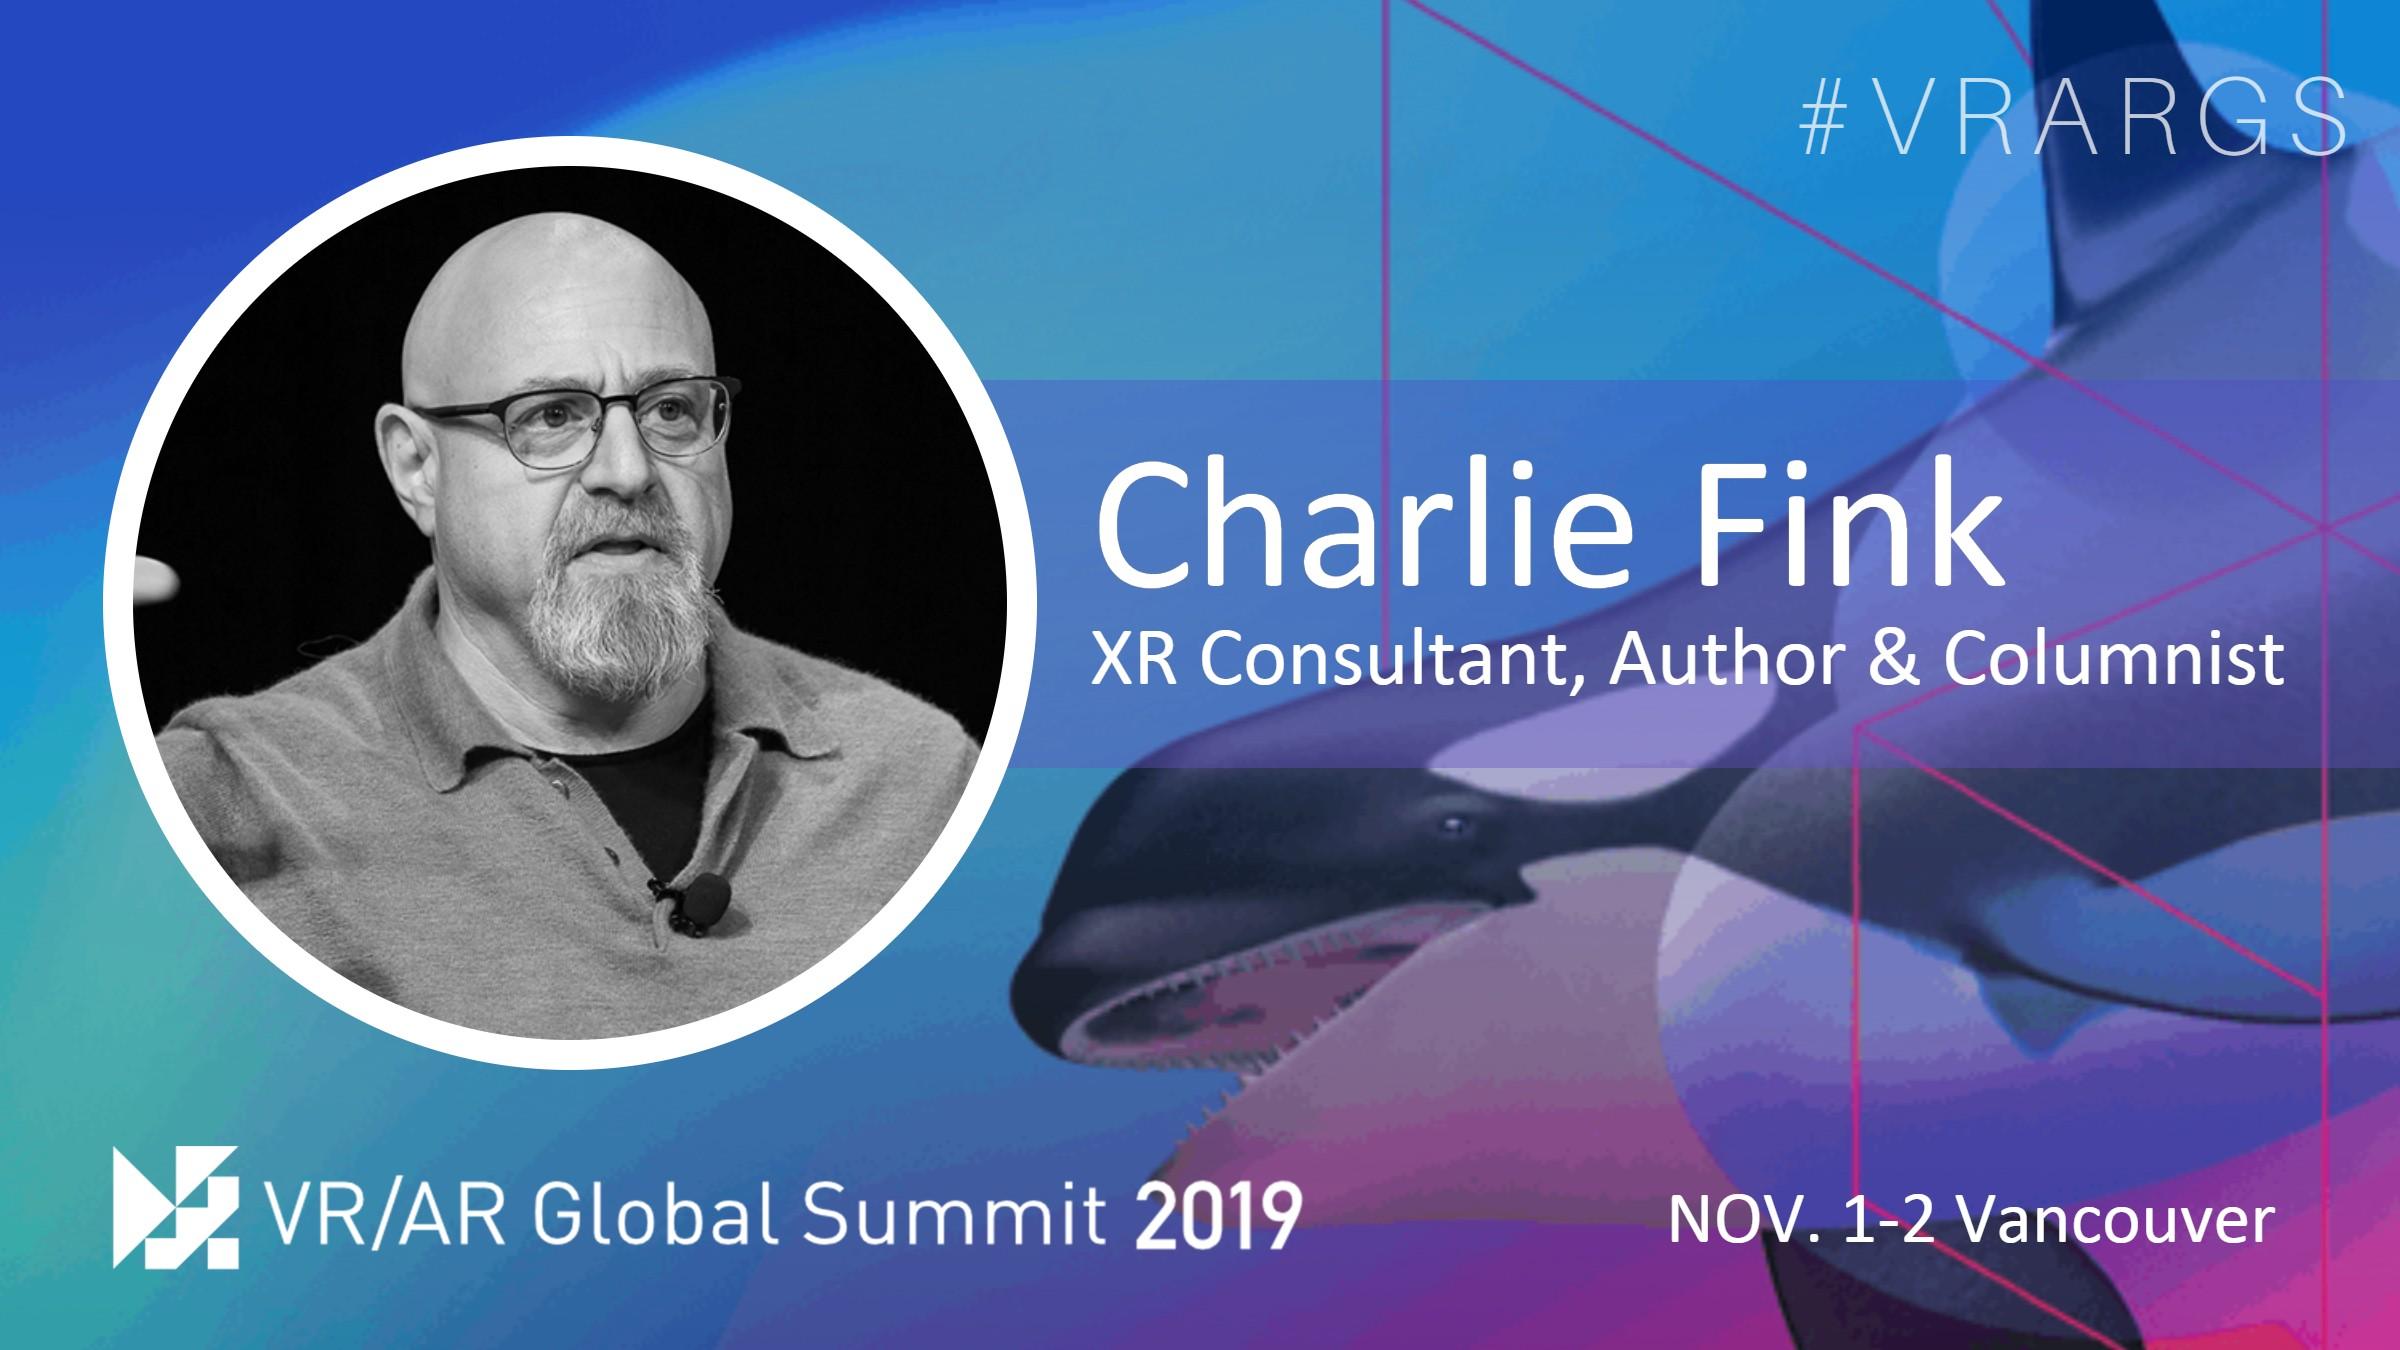 HighRes-Charlie-Fink-XR-VRARGS-VRAR-Global-Summit-Spatial-Computing-Vancouver.jpg